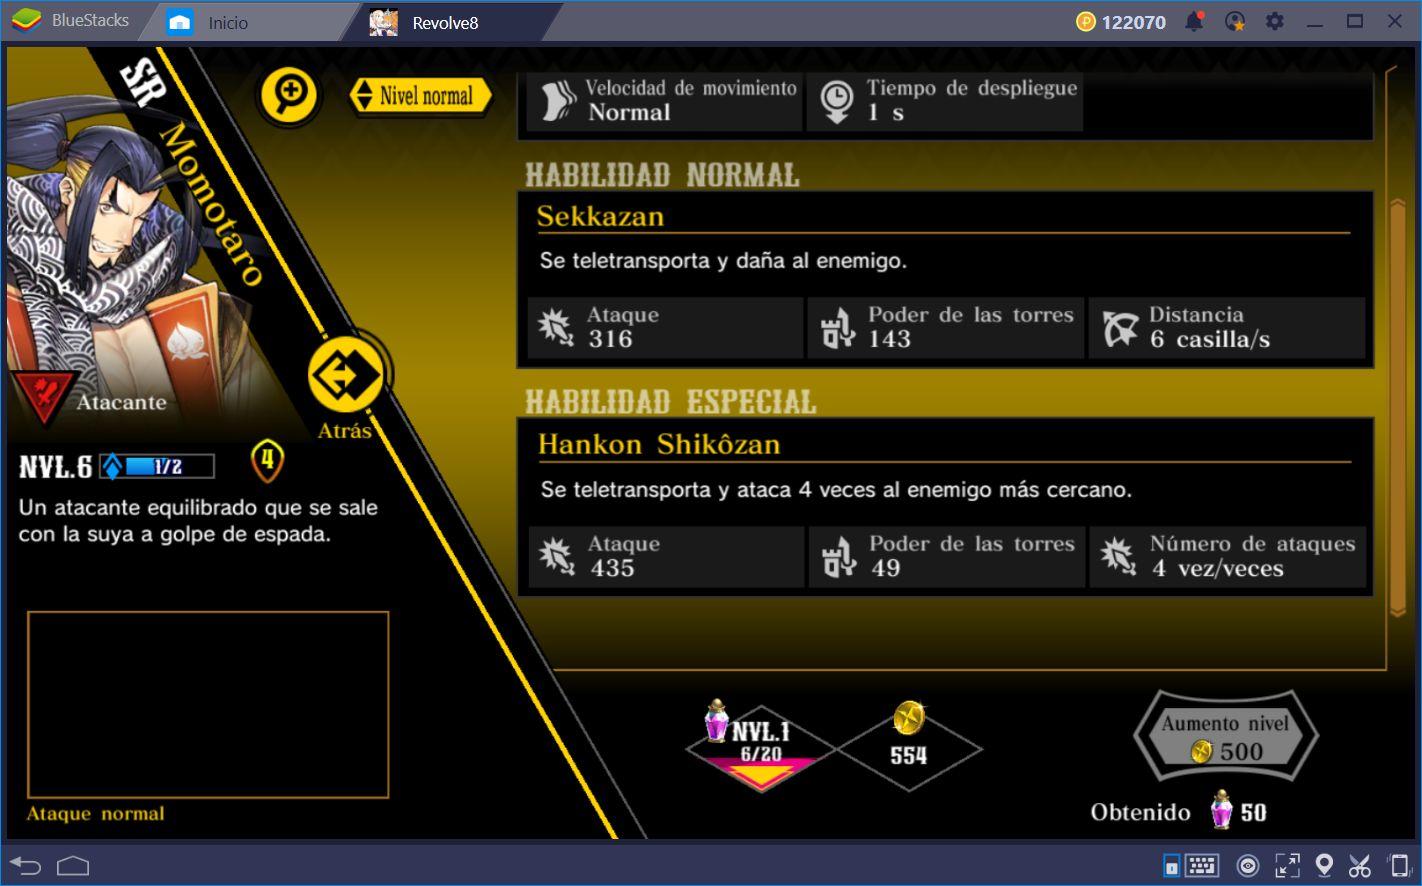 El Sistema de Combate de Revolve8, Explicado